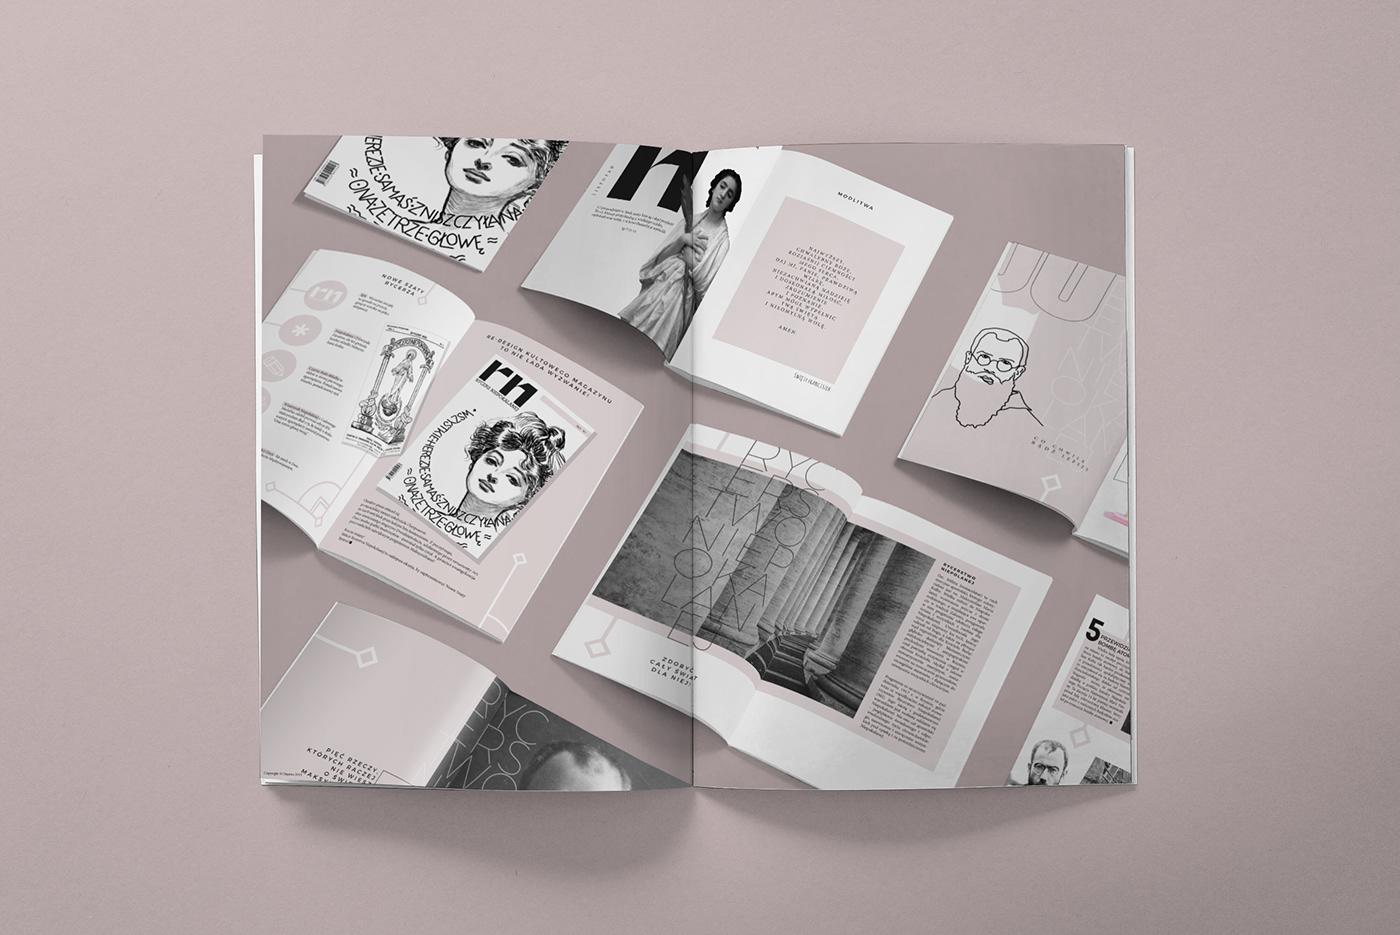 Image may contain: drawing, handwriting and book